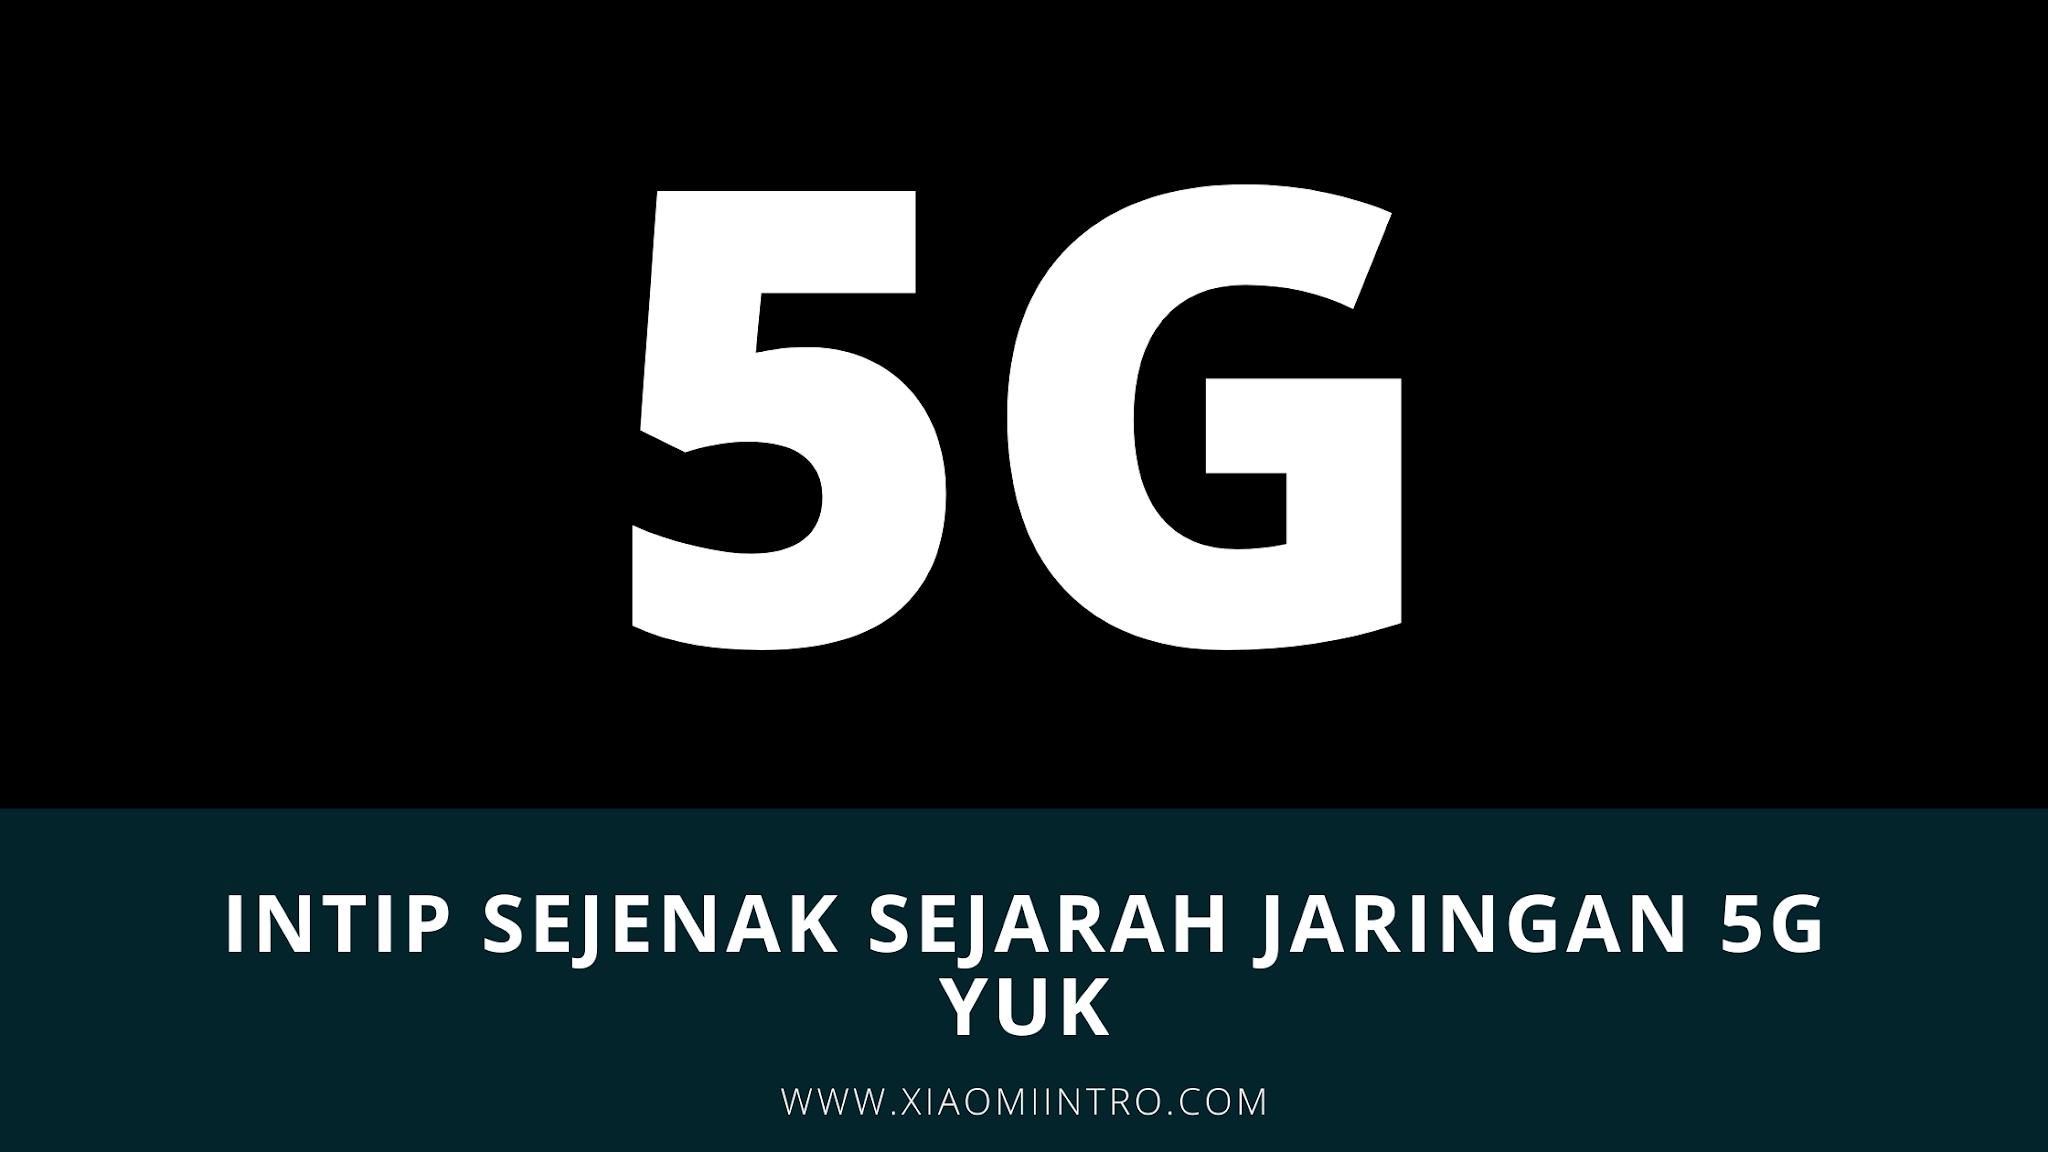 Intip Sejenak Jaringan 5G Yuk